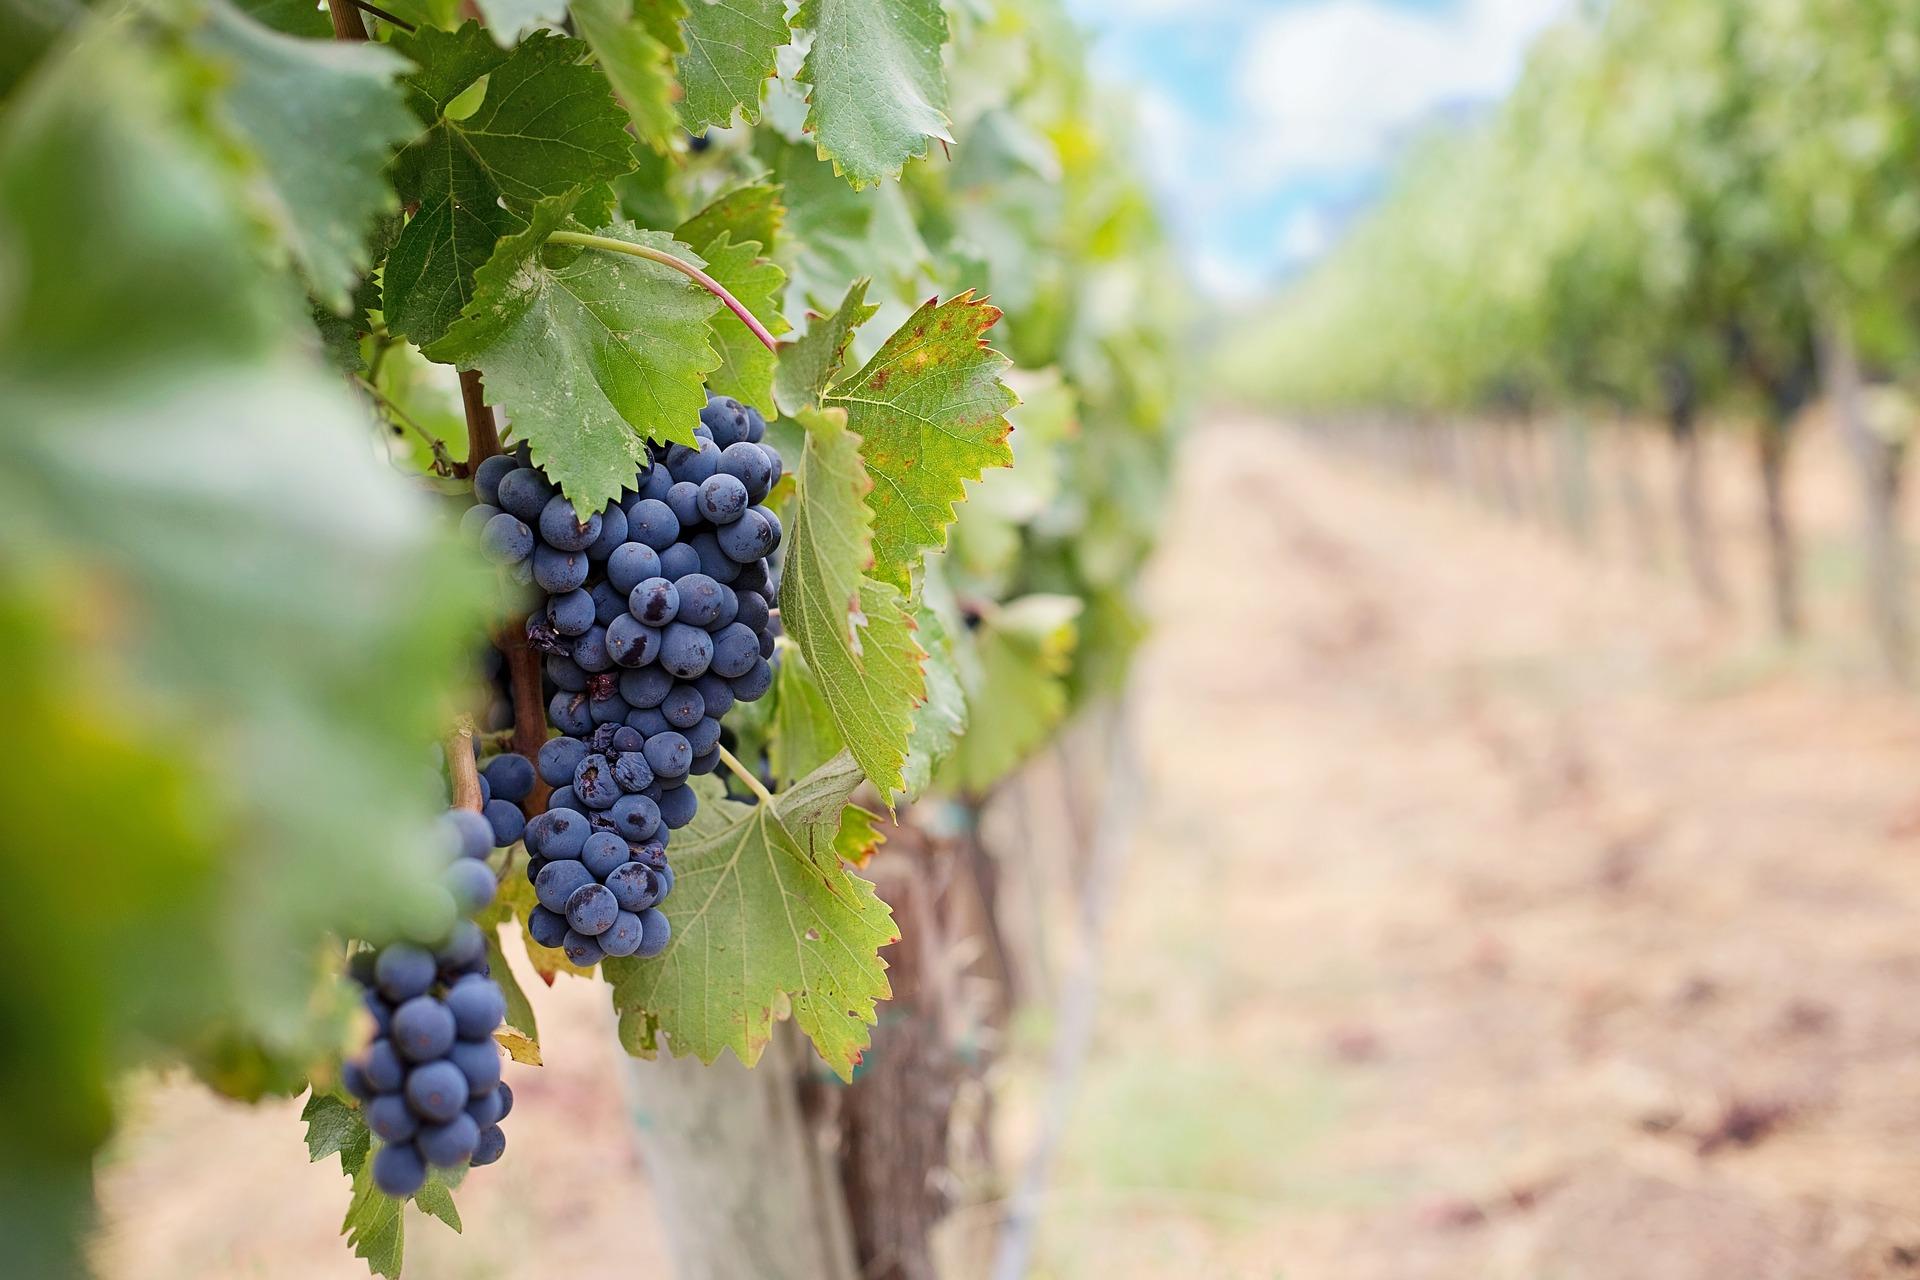 Isemaren Desarrolla Una Herramienta Que Ayuda A Las Bodegas A Obtener El Certificado Wineries For Climate Protection